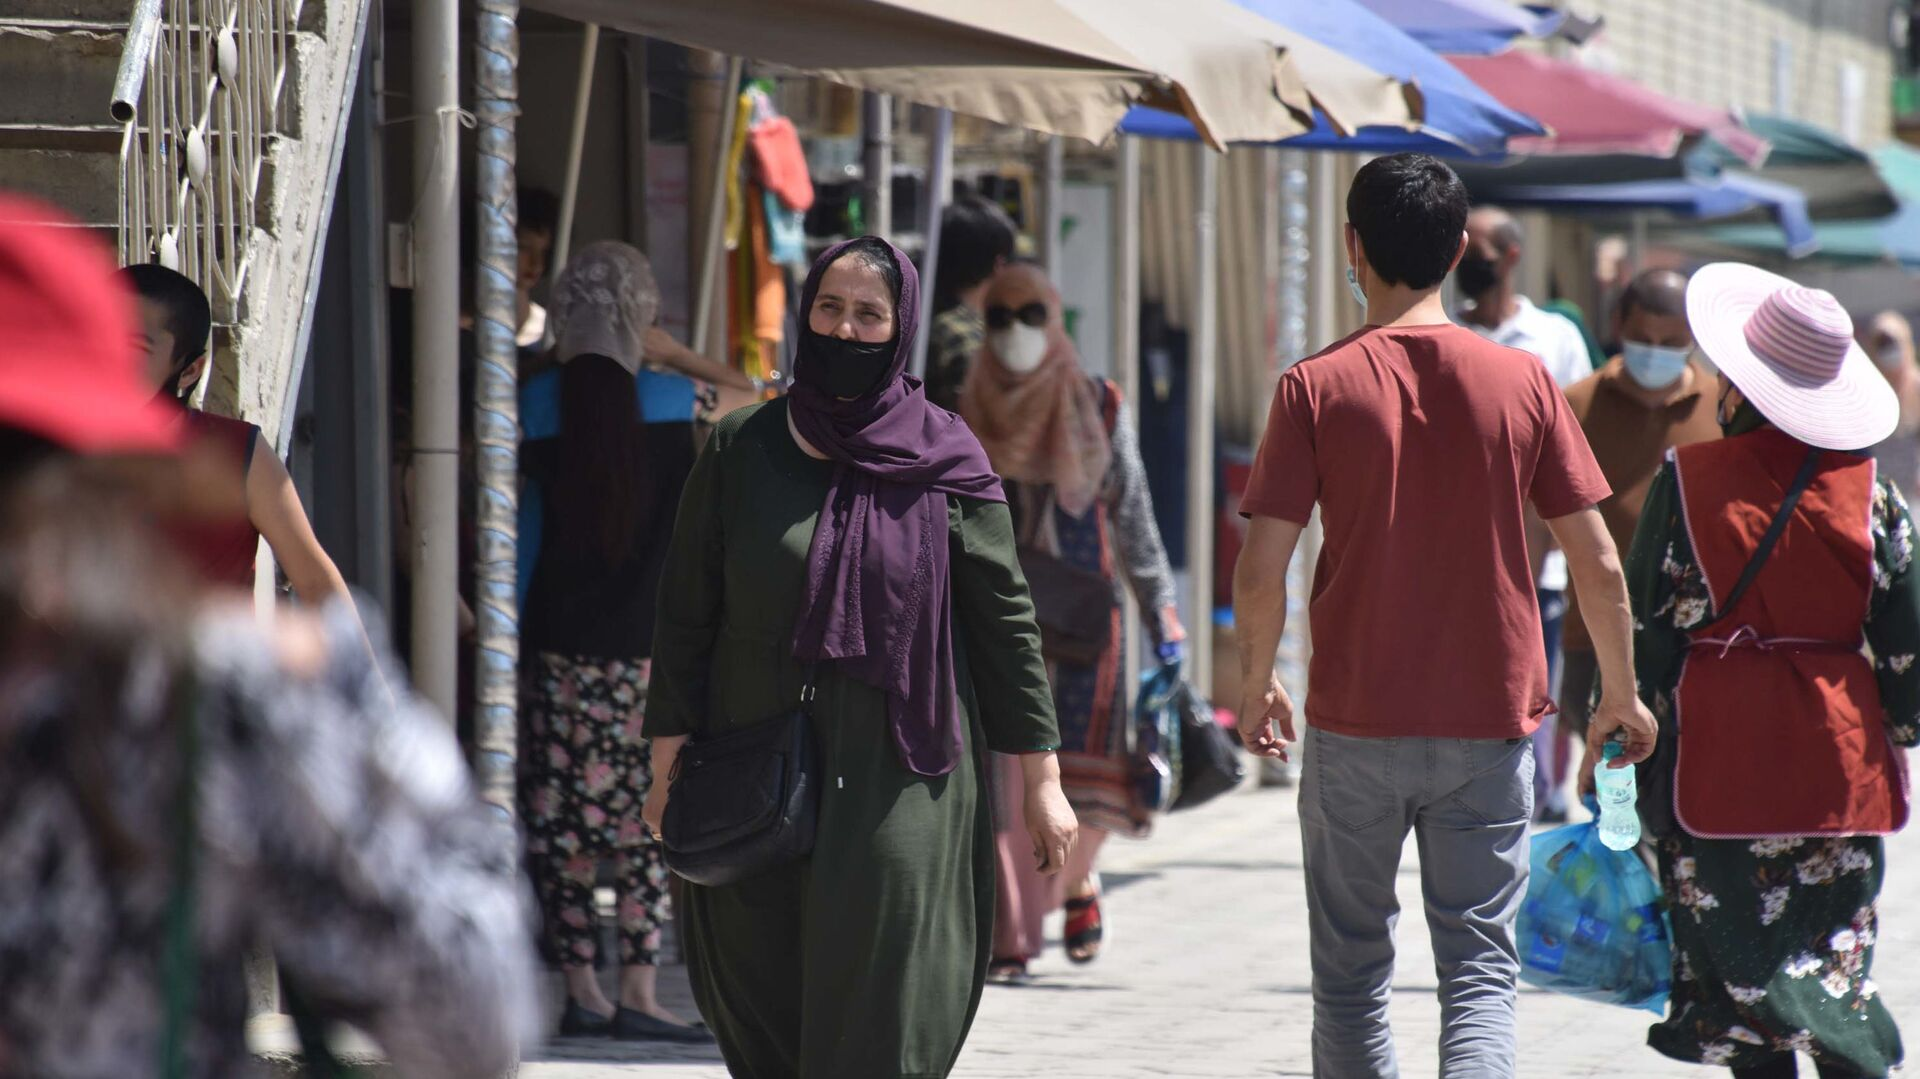 Люди в защитных масках на улице Душанбе  - Sputnik Таджикистан, 1920, 13.08.2021